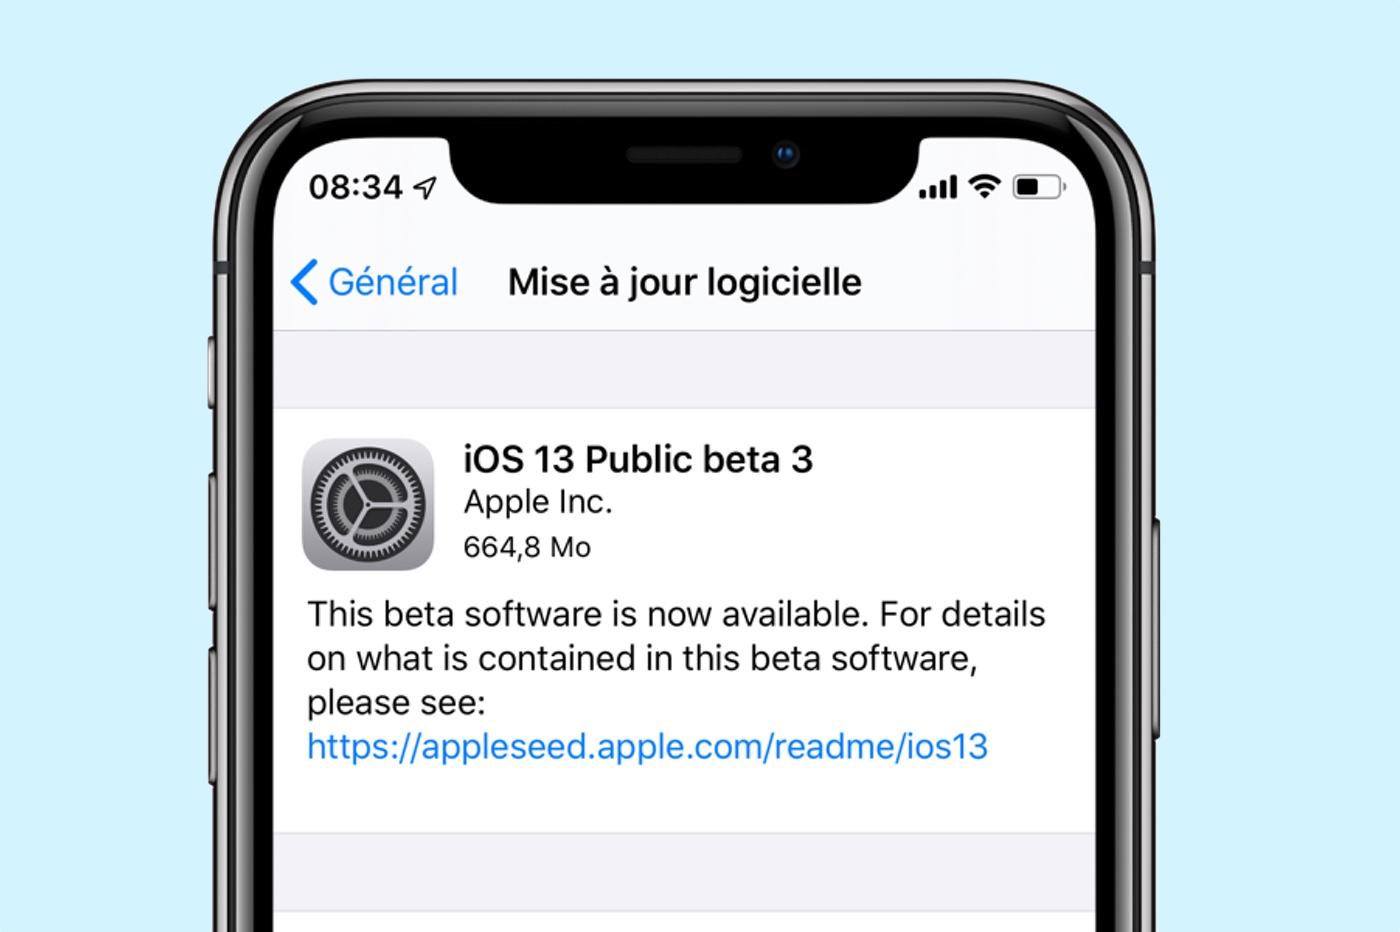 La troisième bêta publique d'iOS 13 est disponible 1